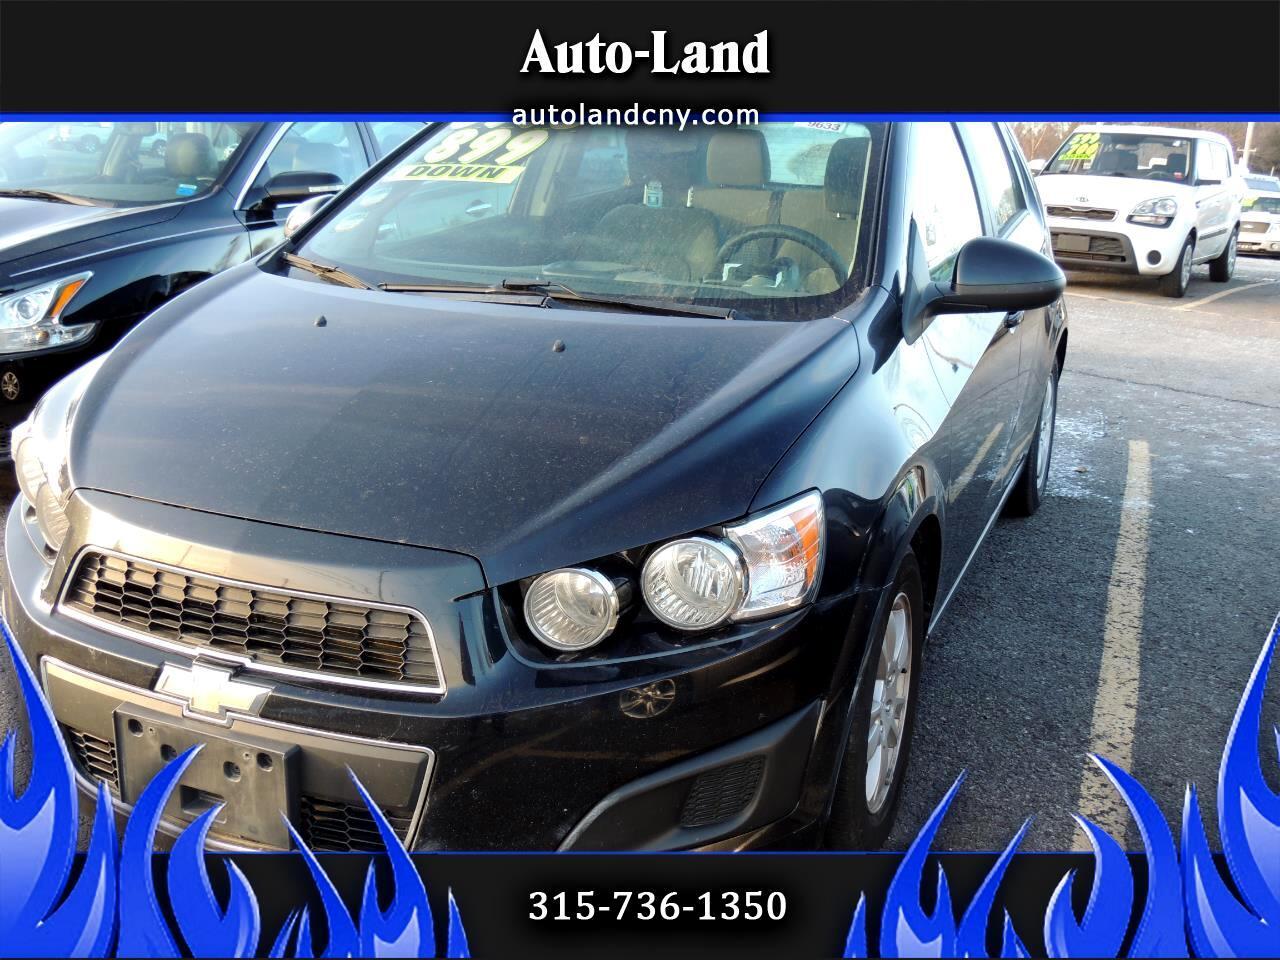 Chevrolet Sonic 1LS 5-Door 2012